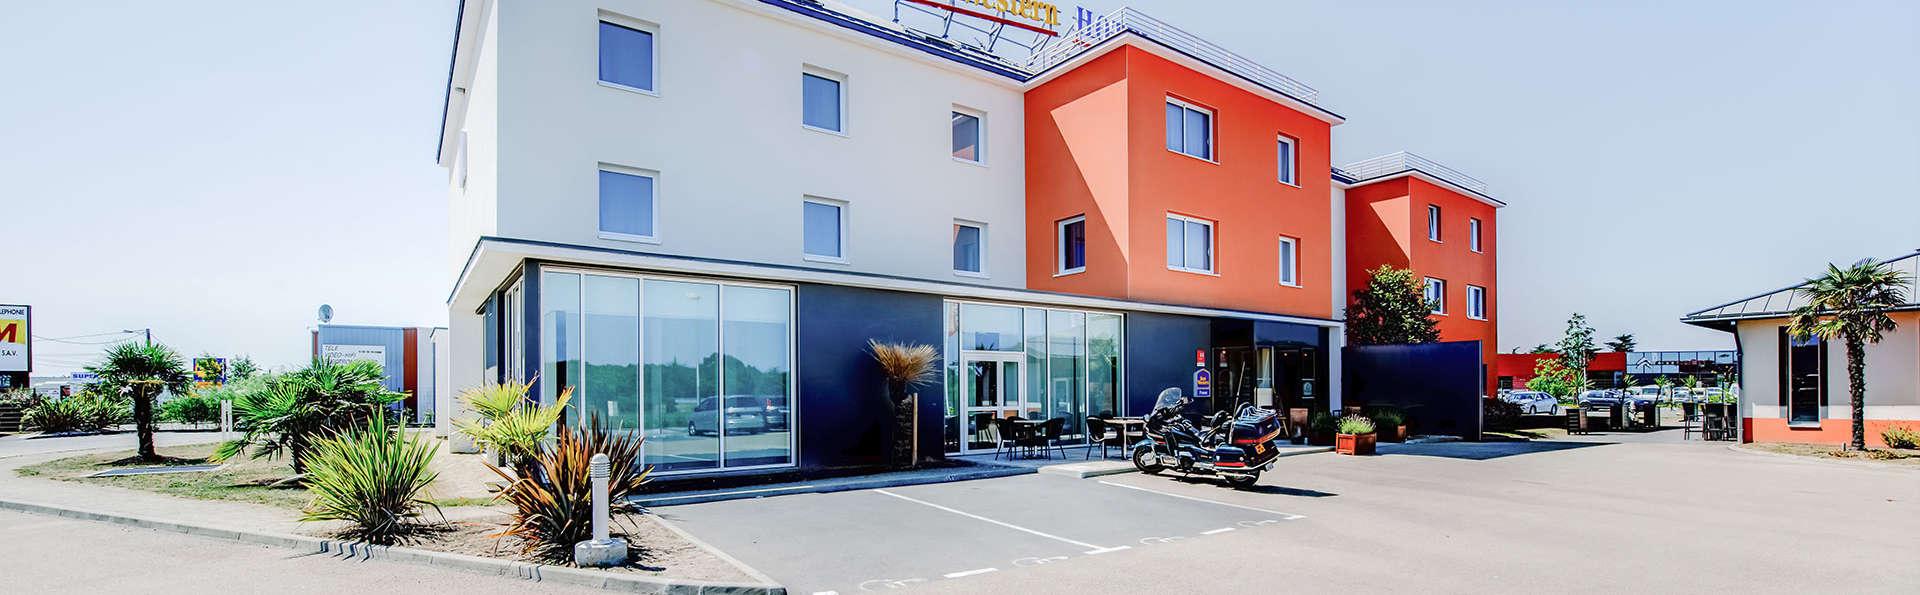 Hôtel Le Mauritia - Edit_Front.jpg